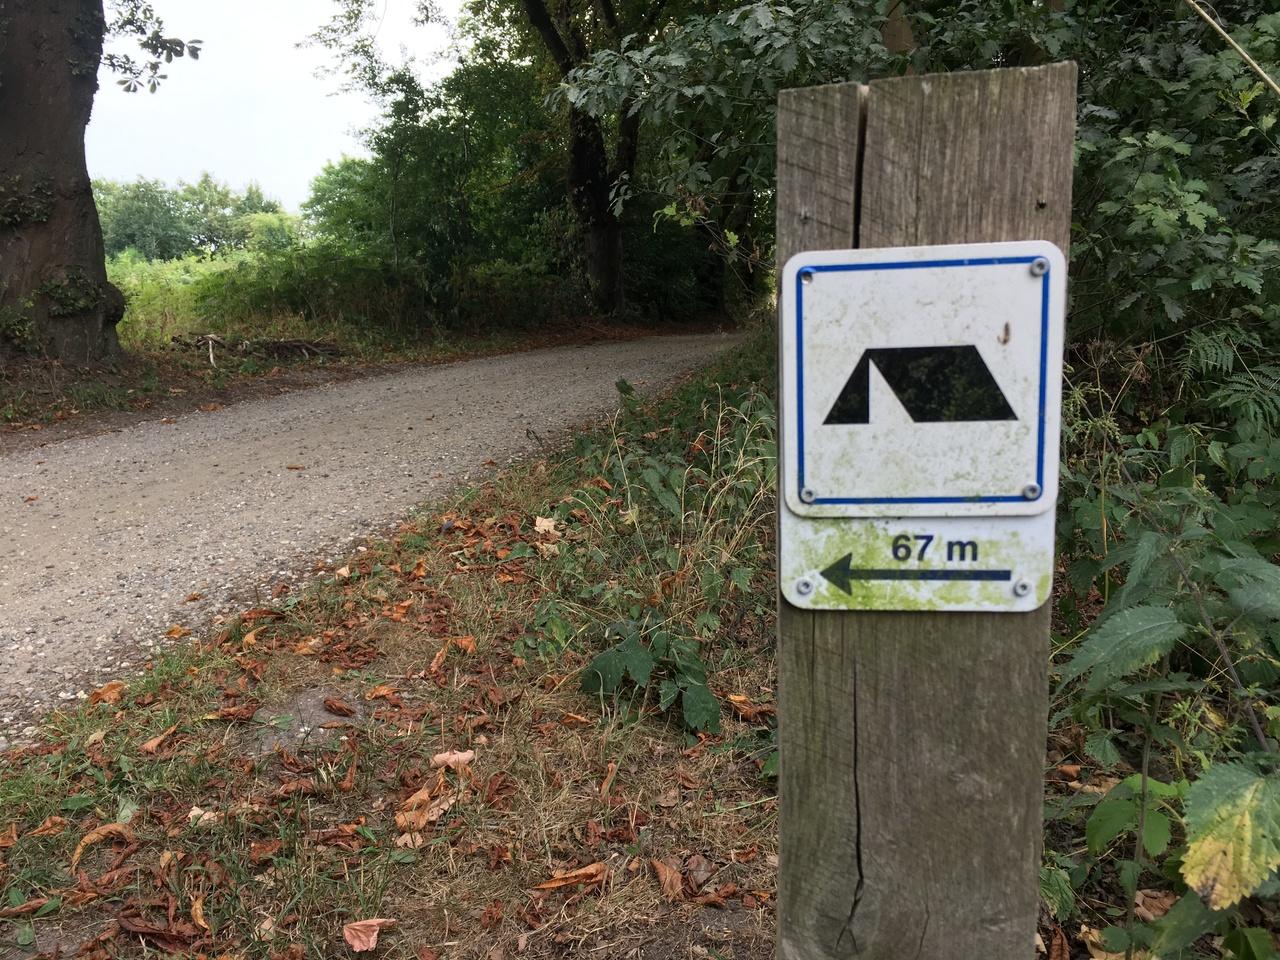 Folge in Dänemark diesen Schildern um wild zu campen.